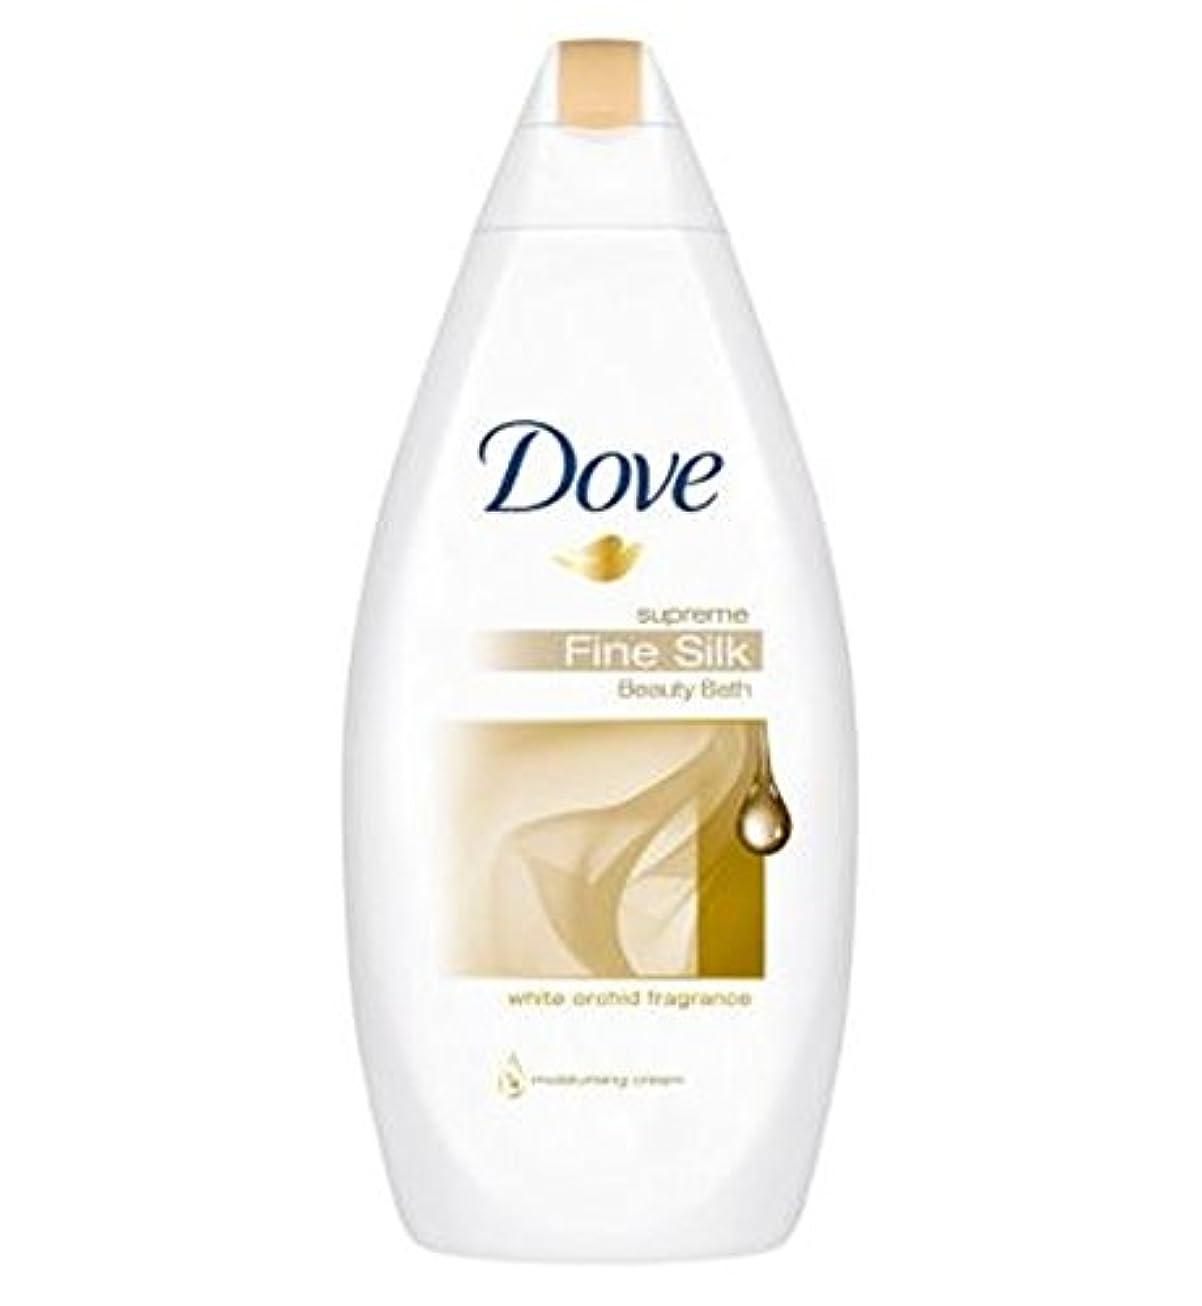 彼女は光沢自治的Dove Supreme Fine Silk Cream Bath 500ml - 鳩最高の細かい絹クリームバスの500ミリリットル (Dove) [並行輸入品]